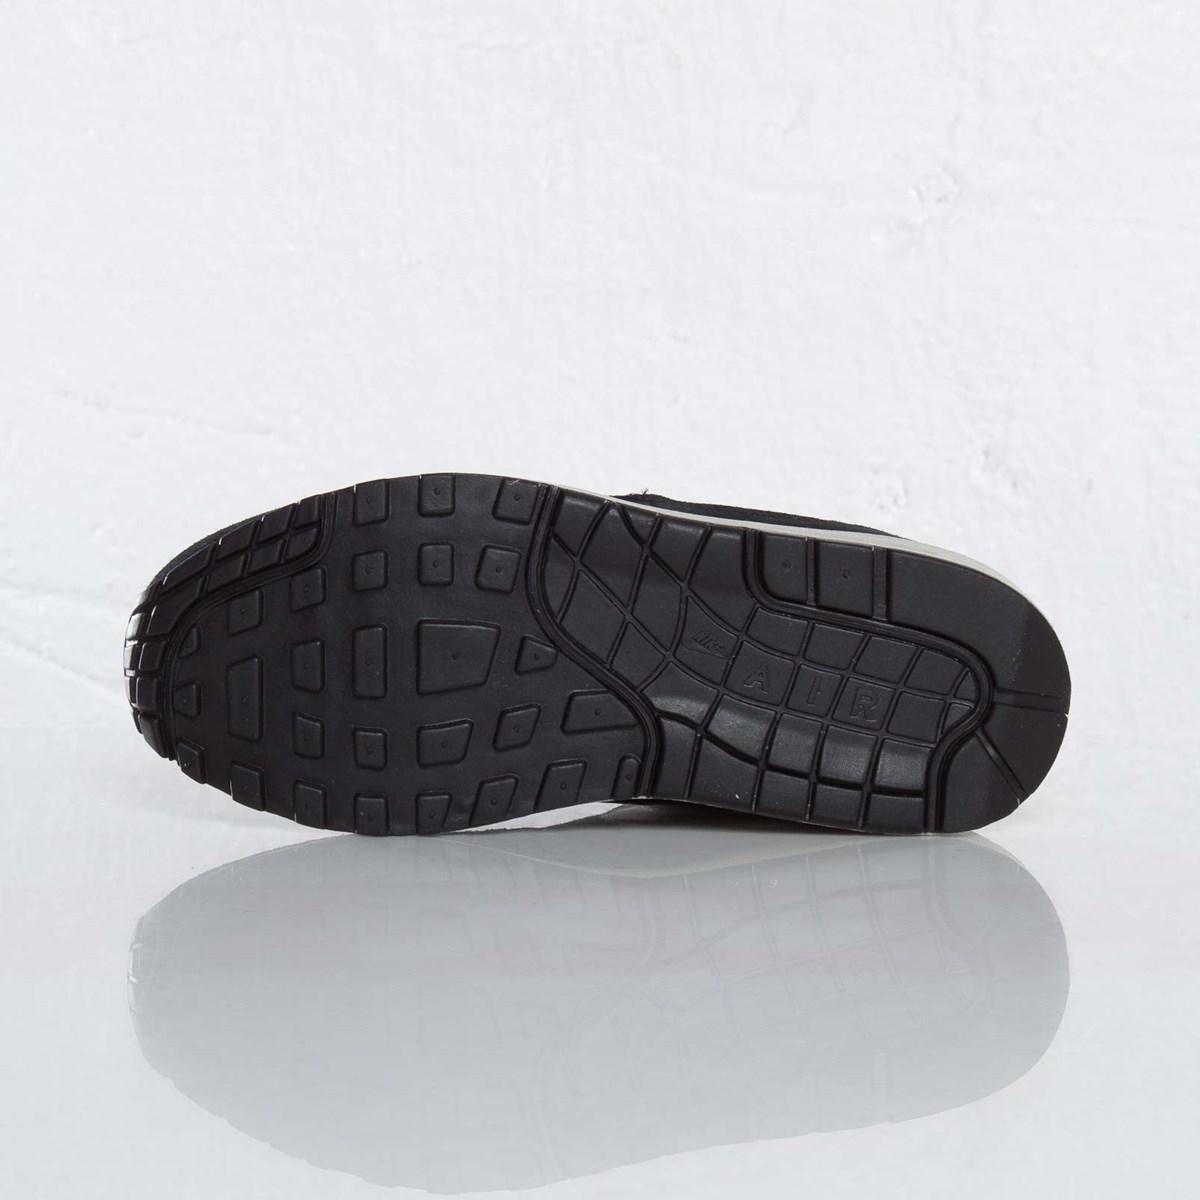 best sneakers 9fb69 88bad Nike Wmns Air Max 1 - 319986-026 - Sneakersnstuff   sneakers   streetwear  online since 1999